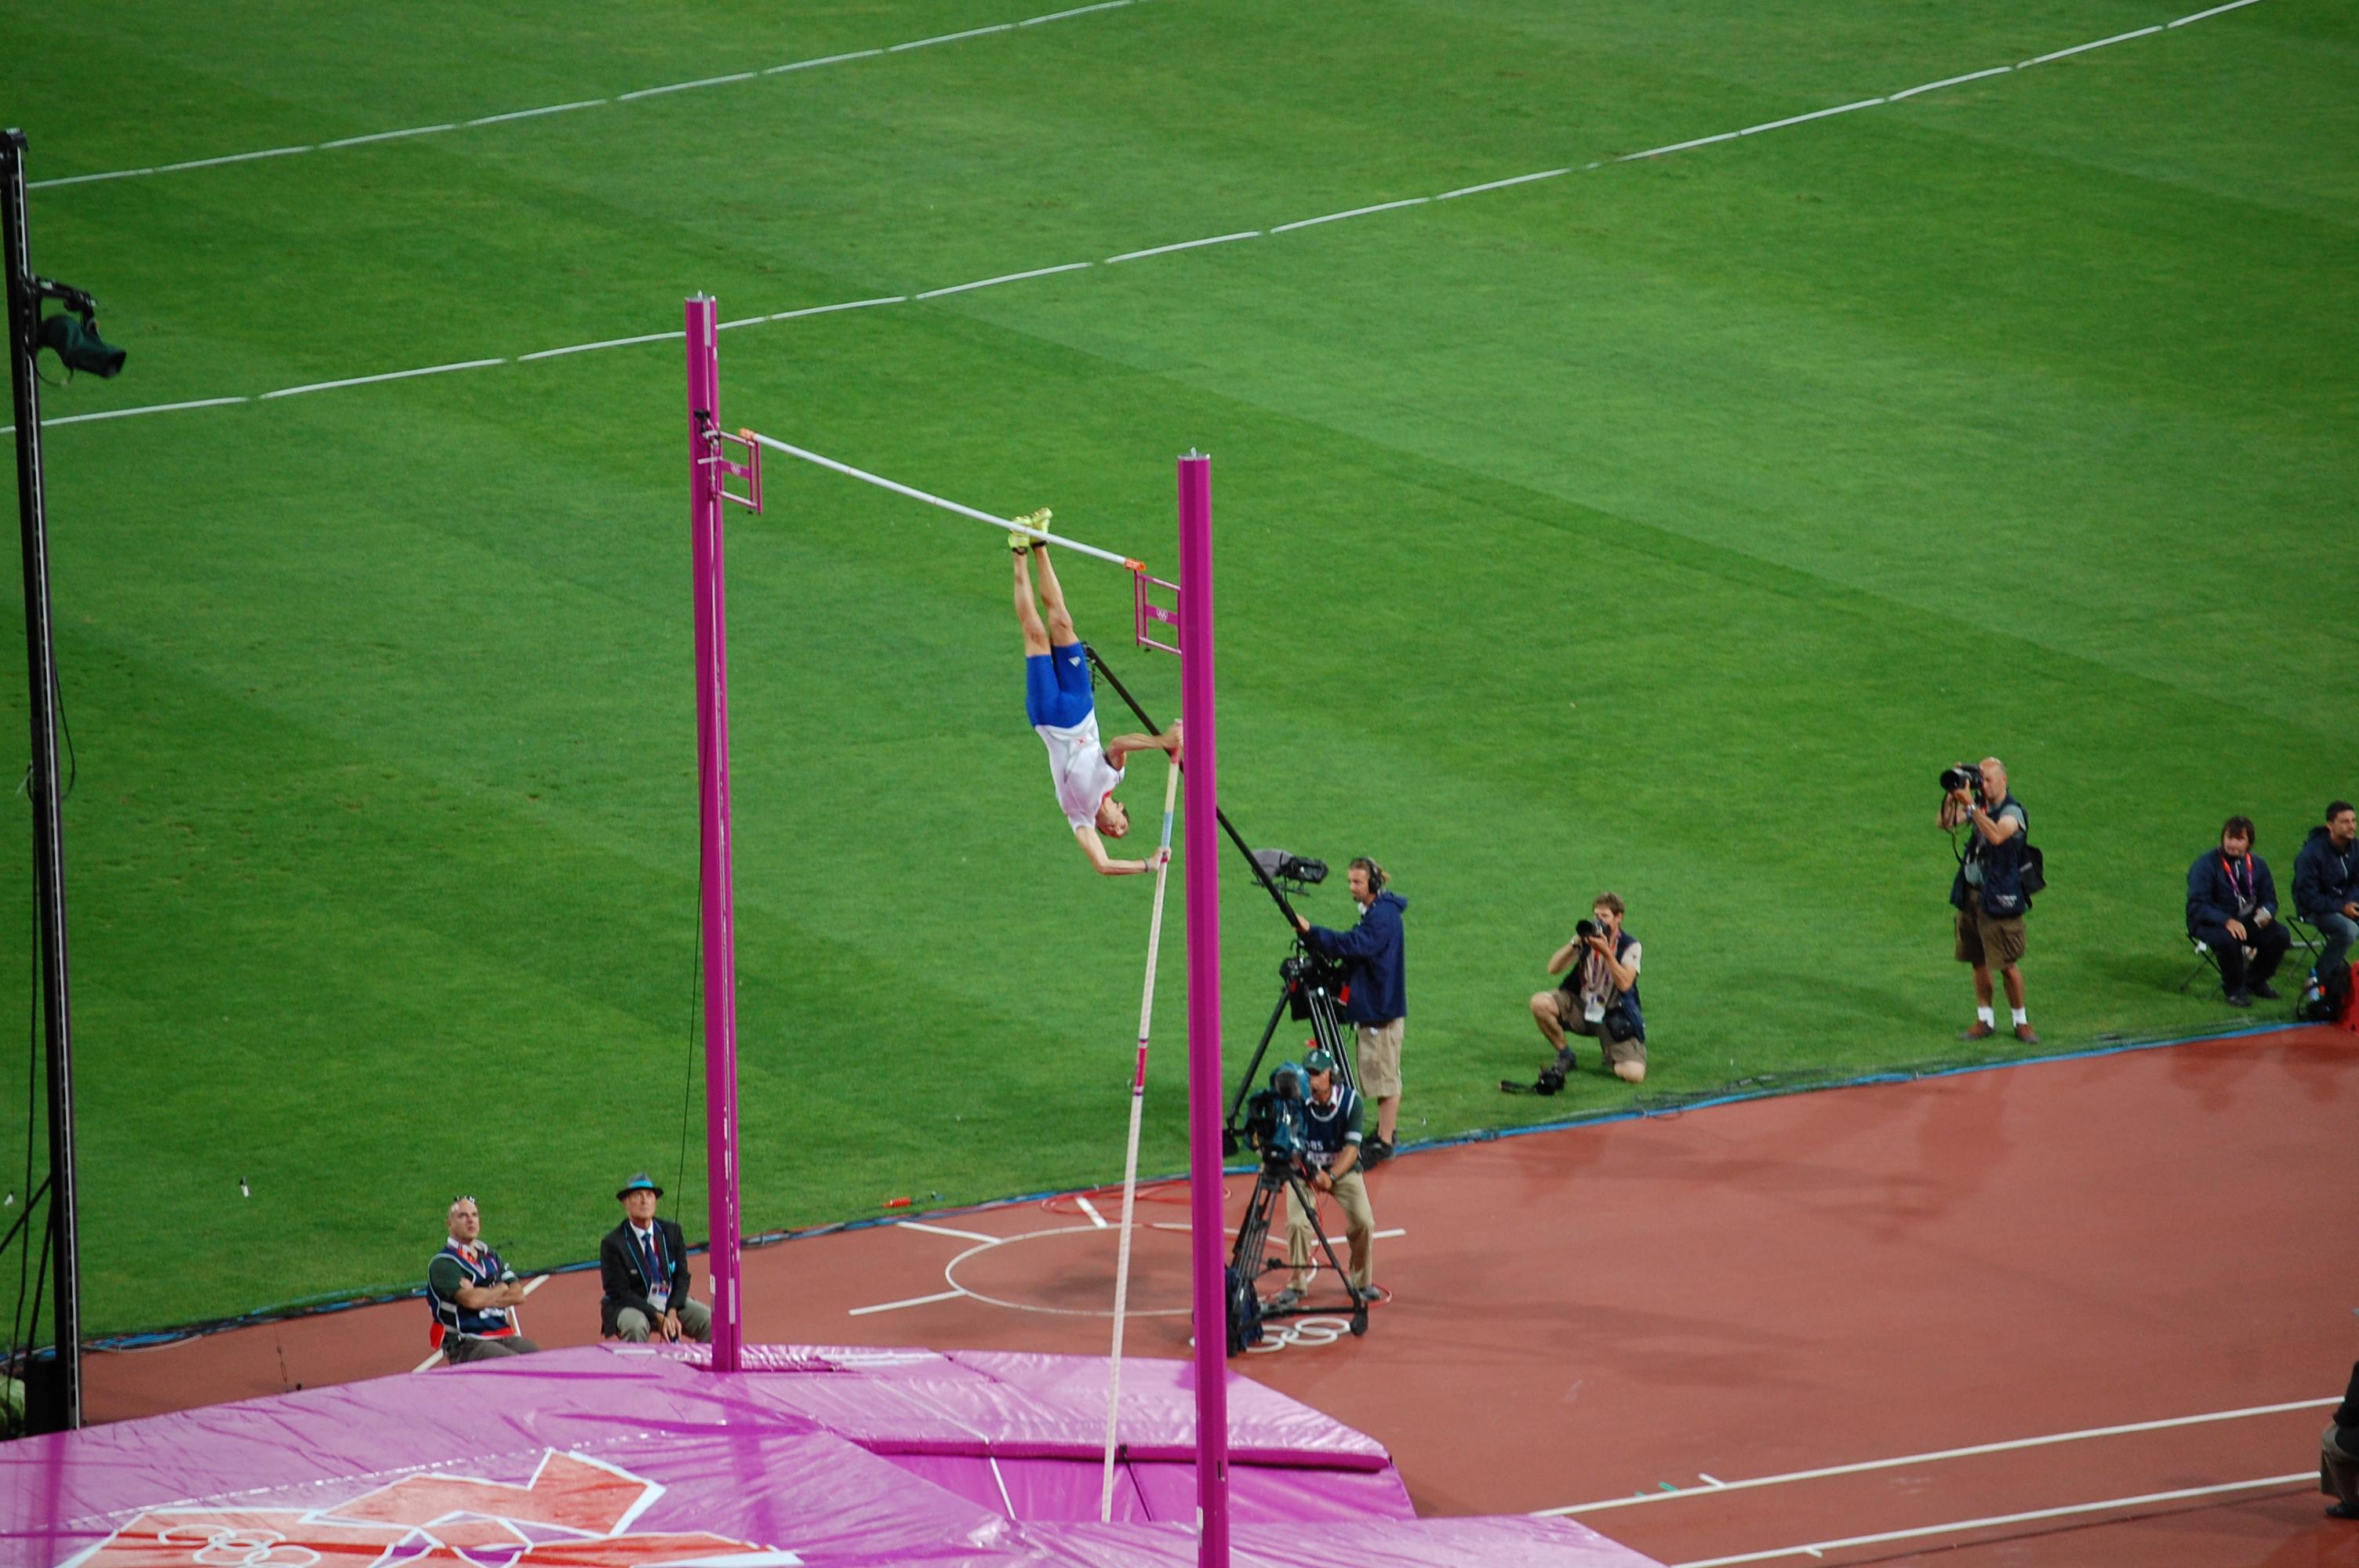 Pole vault olympics men